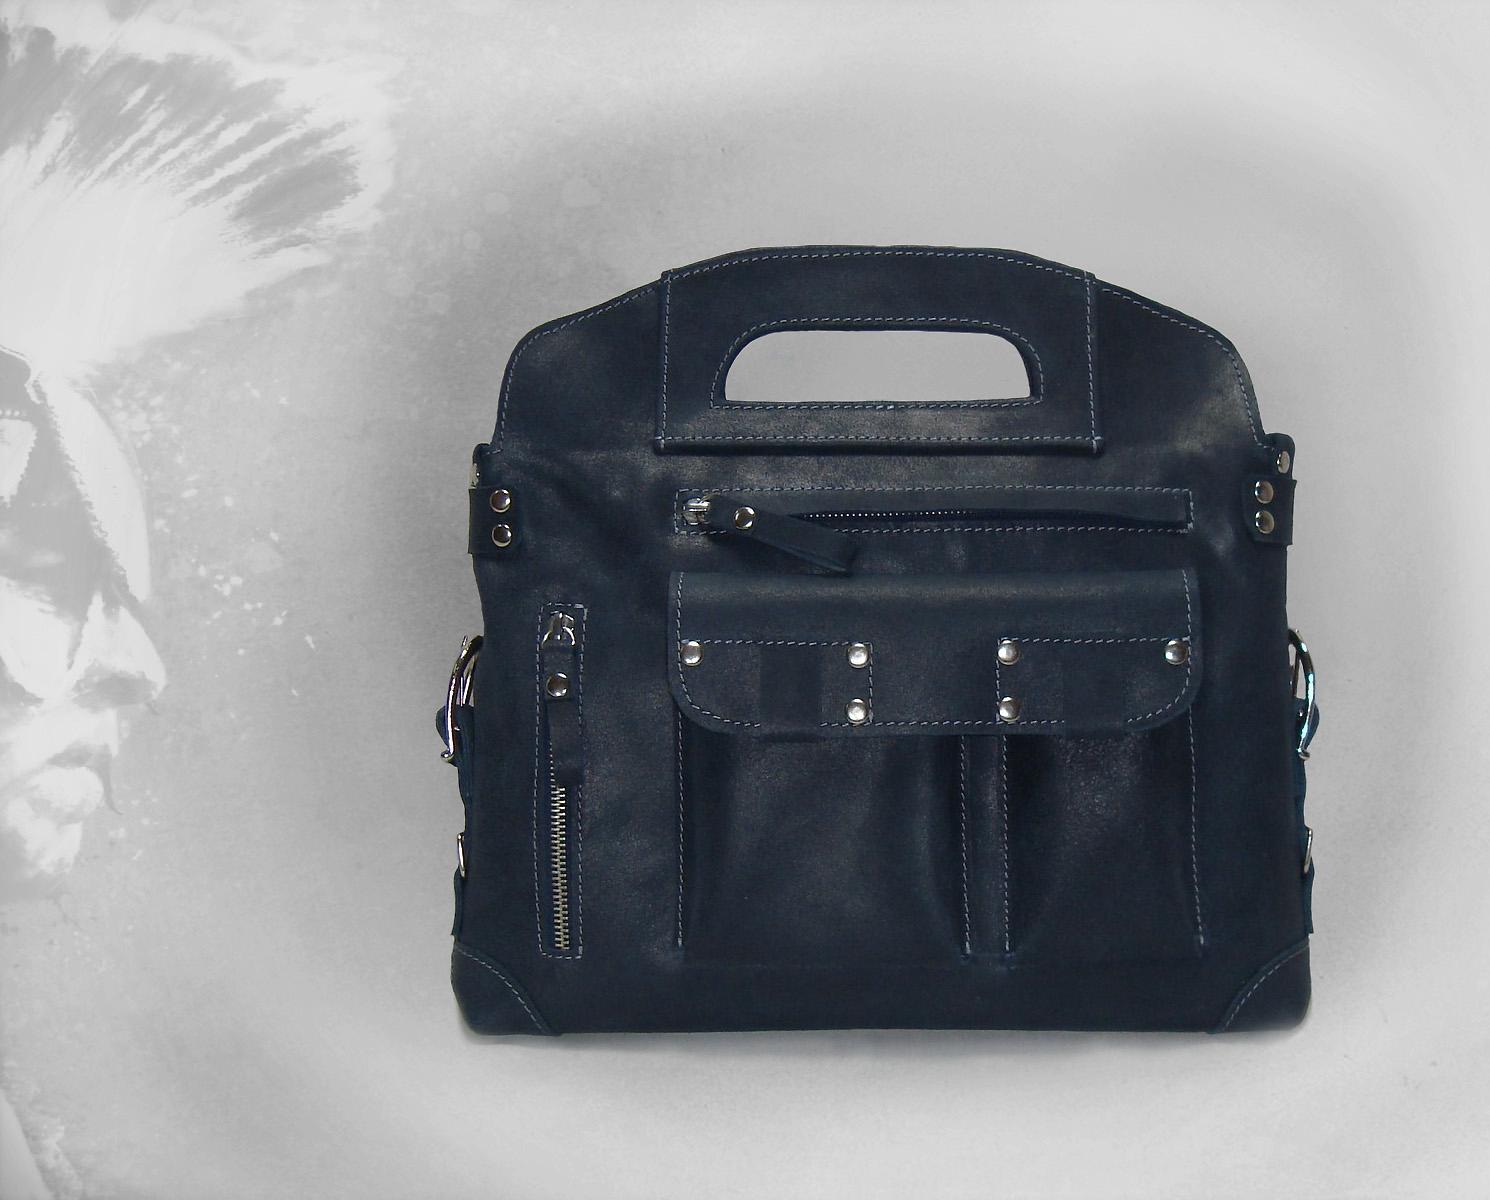 Сумка Модель №11Сумки и др. изделия из кожи<br>Общая высота сумки: 31 см <br>Высота до ручек: 23 см <br>Ширина сумки верх: 32 см <br>Ширина сумки низ: 31 см <br>Ширина дна: 5 см <br>Длинна ремня: 140 см<br><br>Тип: Сумка<br>Размер: -<br>Материал: Натуральная кожа